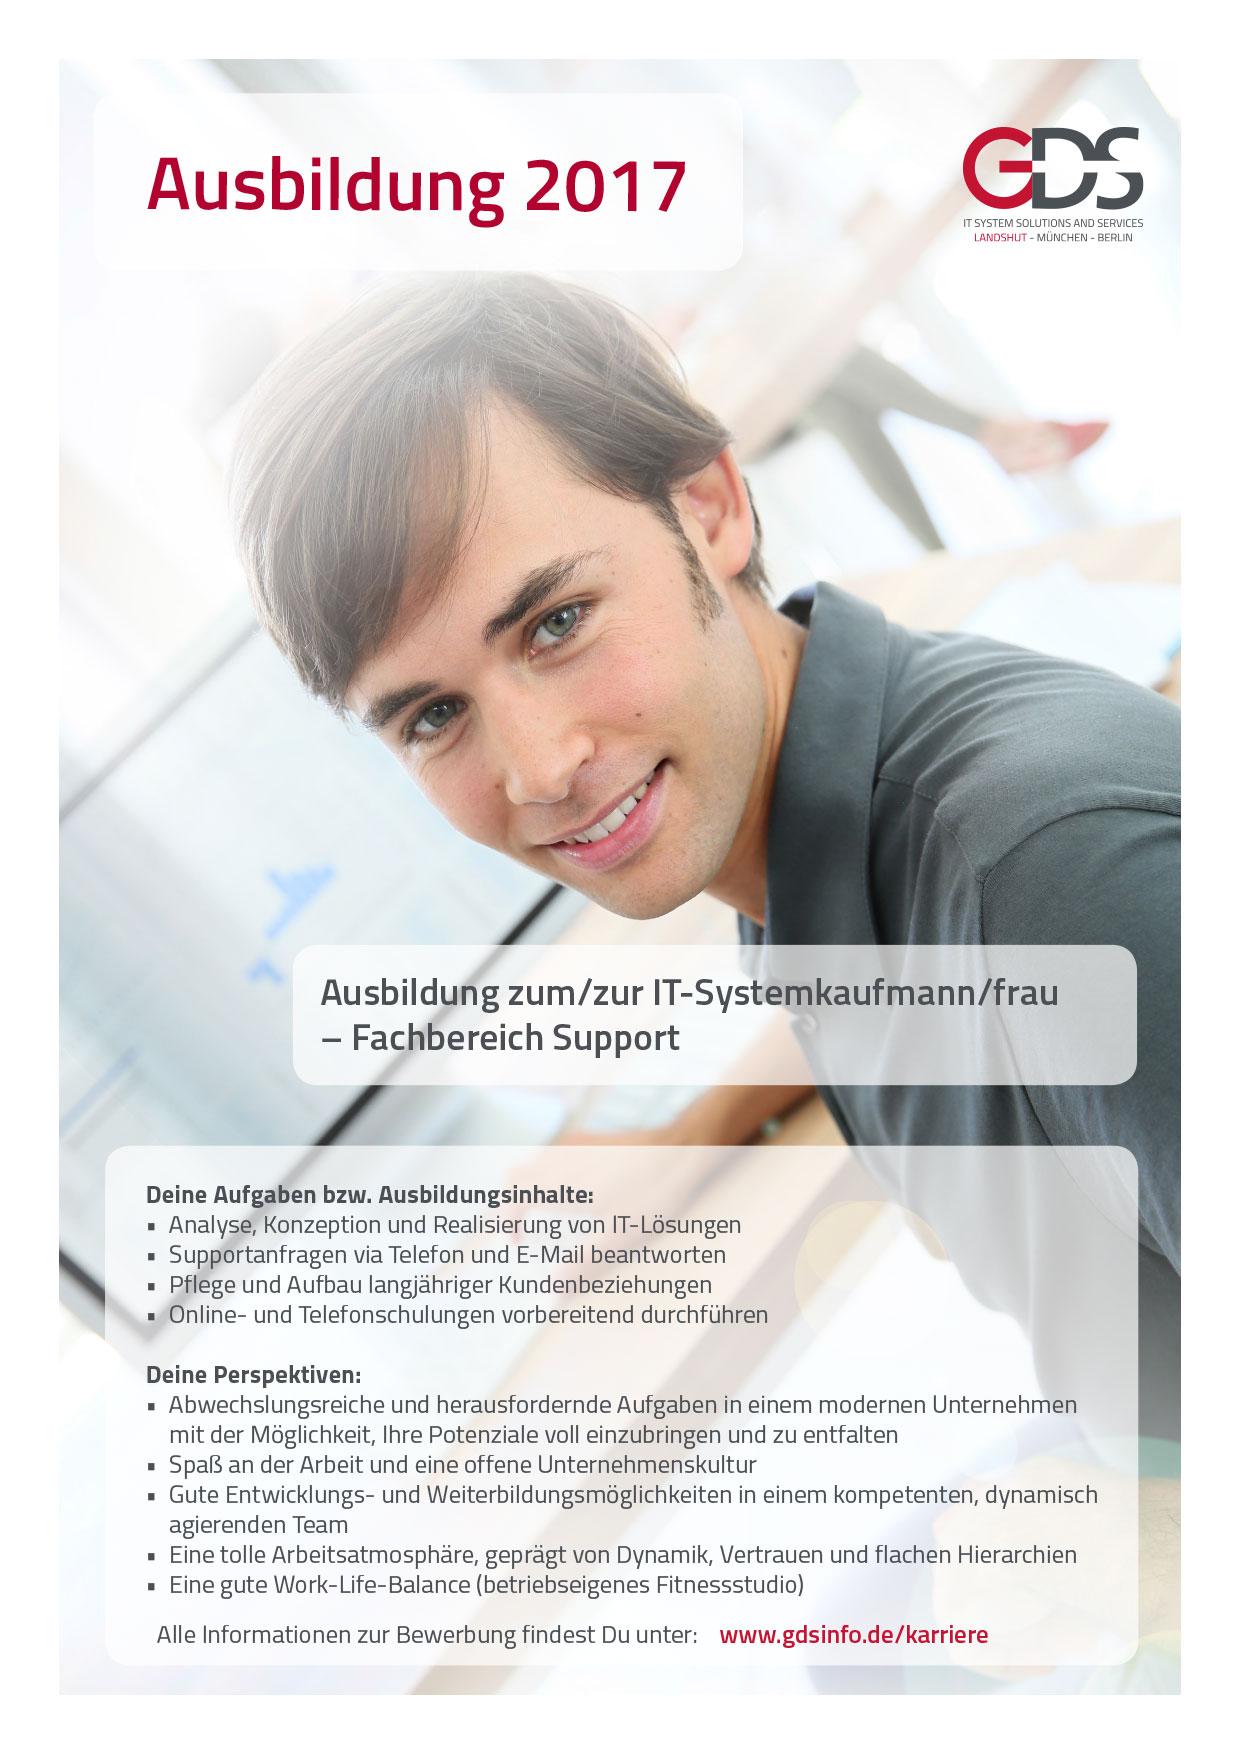 Ausbildung zum/zur IT-Systemkaufmann/frau – Fachbereich Support